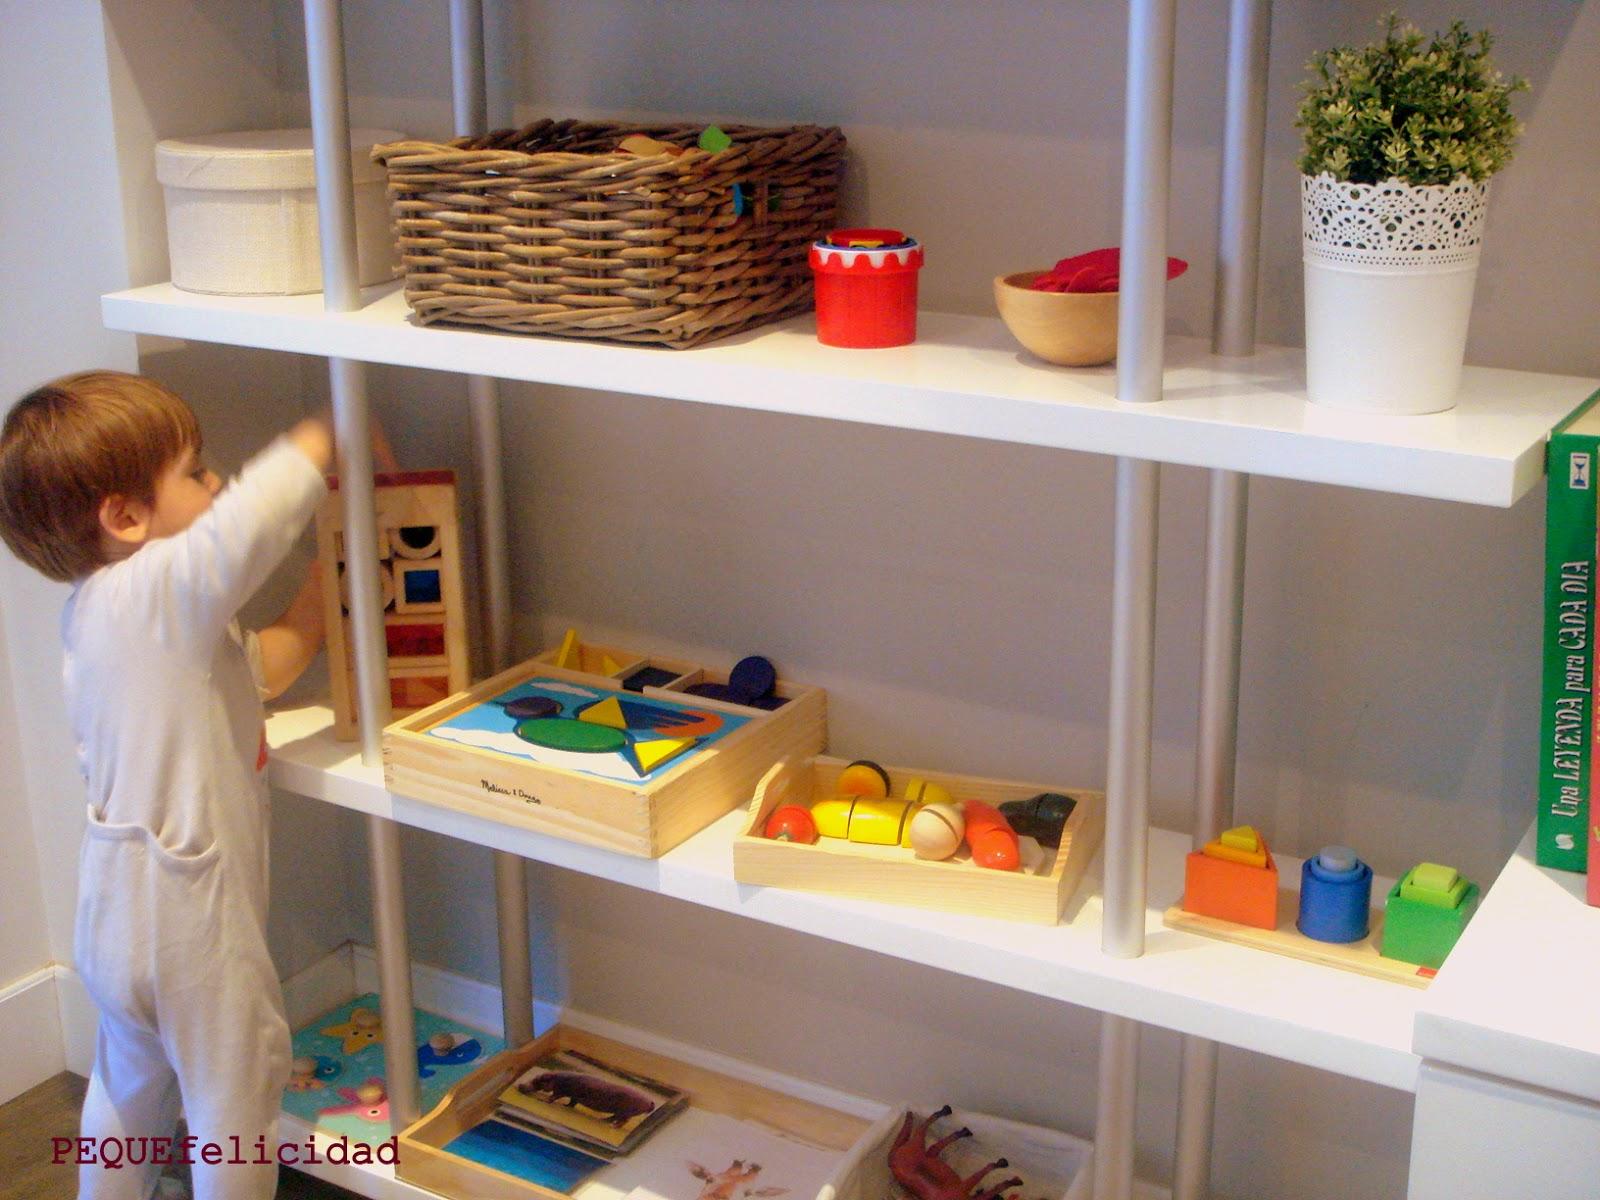 pequefelicidad: ¿como empezar a aplicar el metodo montessori en casa